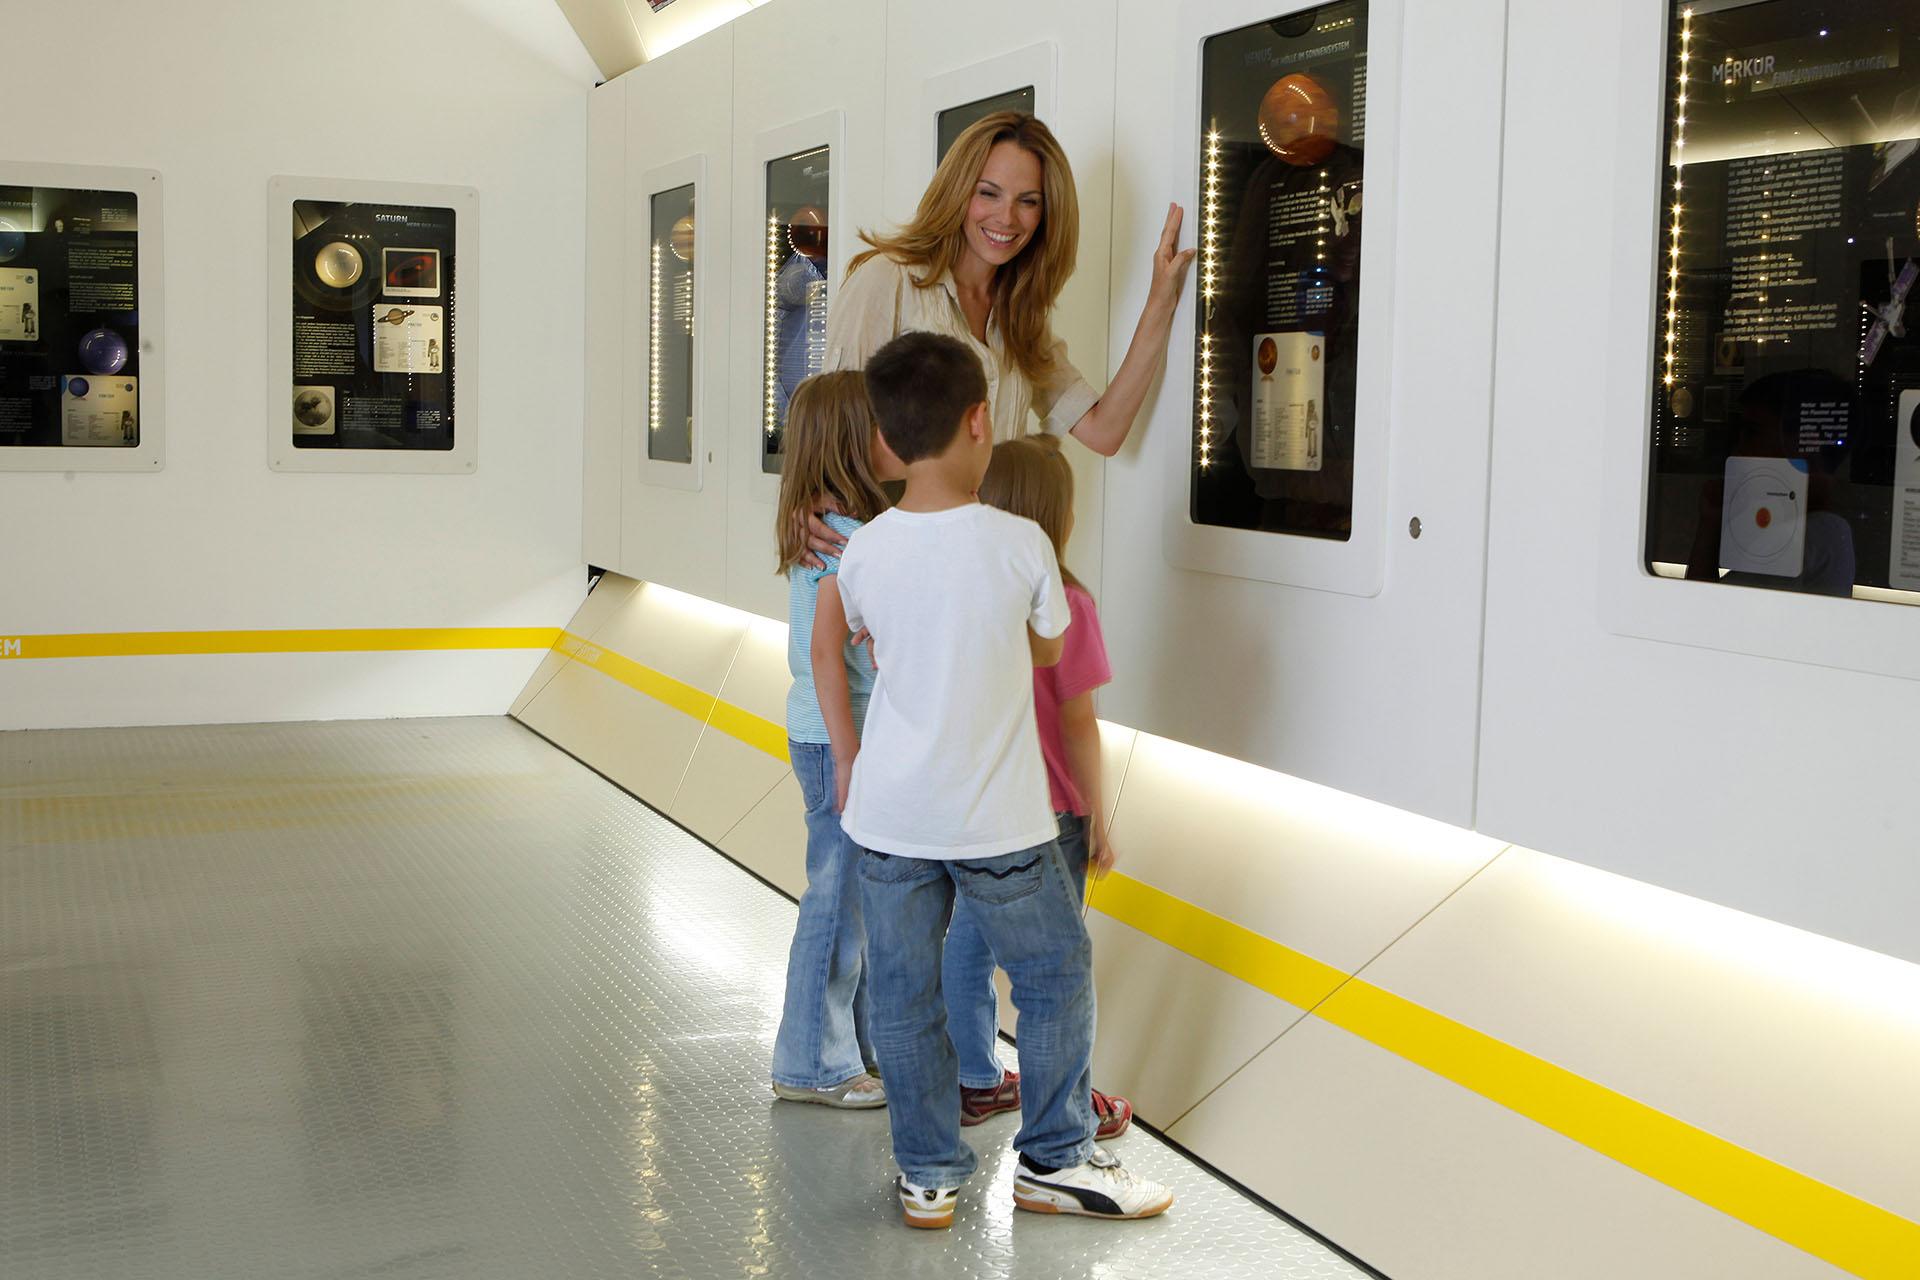 sensapolis-indoor-attraktionen-weltraumausstellung-freizeitpark-stuttgart-sindelfingen-2